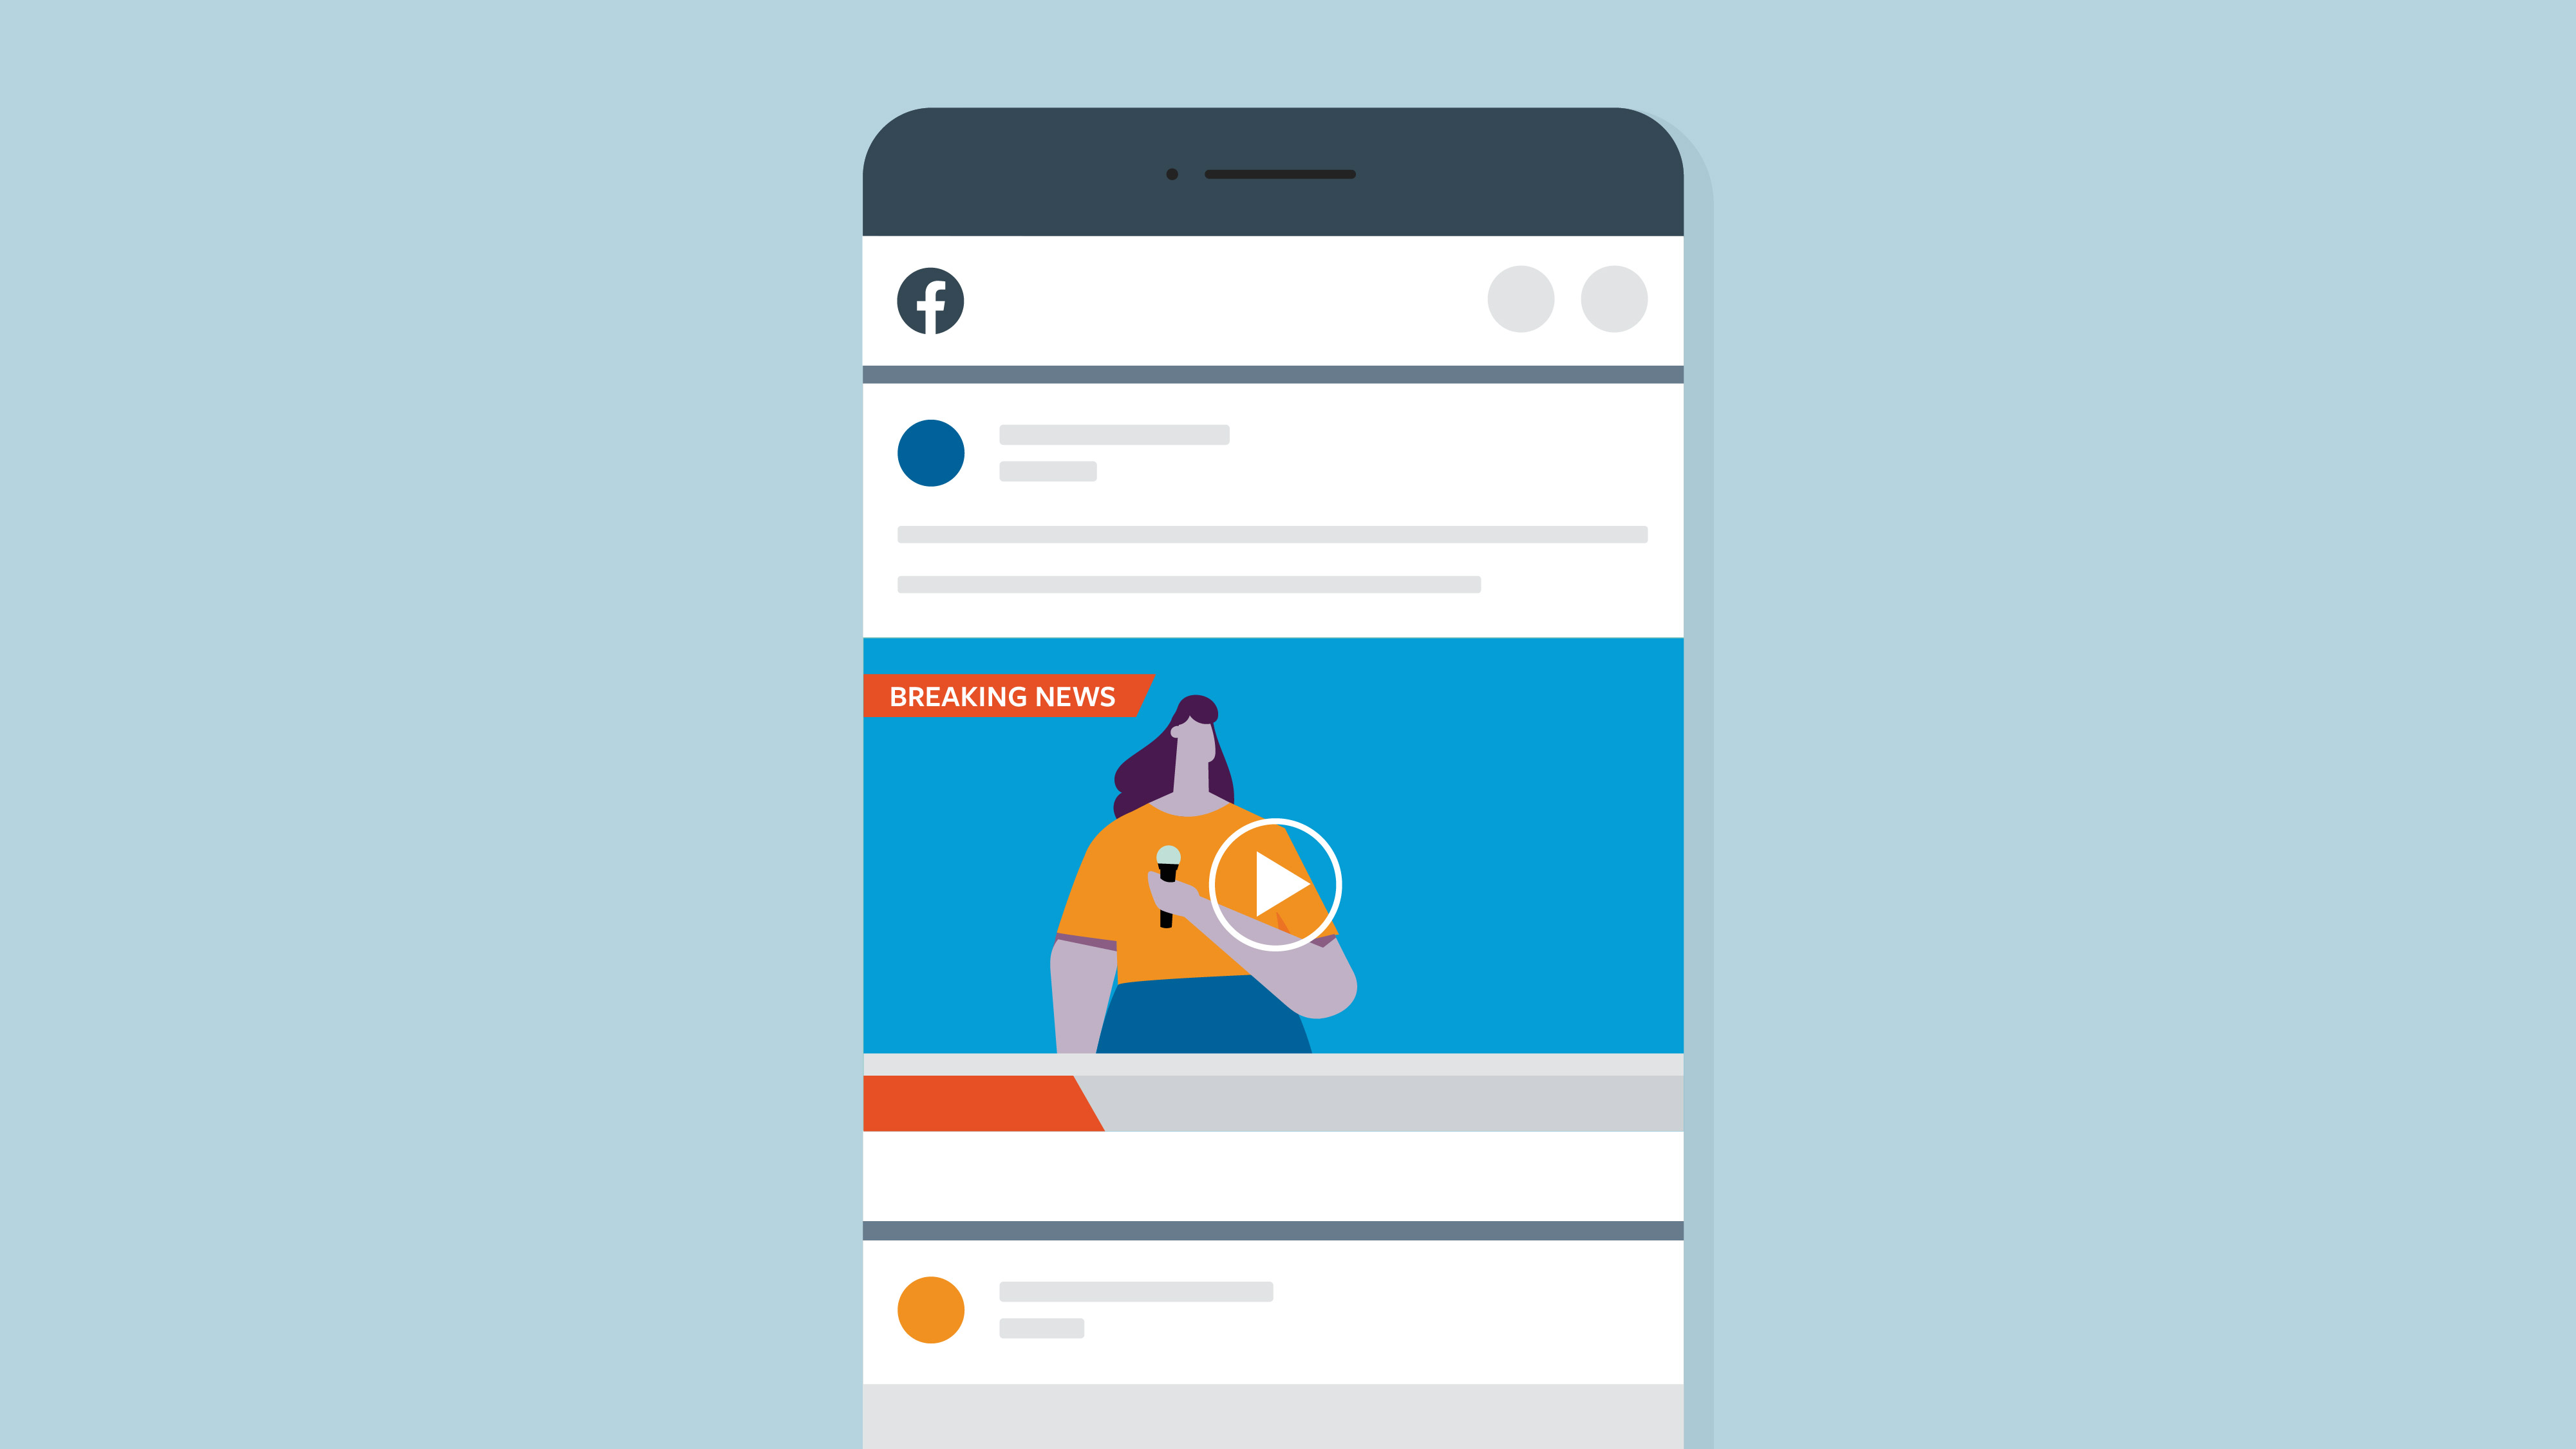 NRP-Prioritizing_Original_Reporting_on_Facebook_FINAL